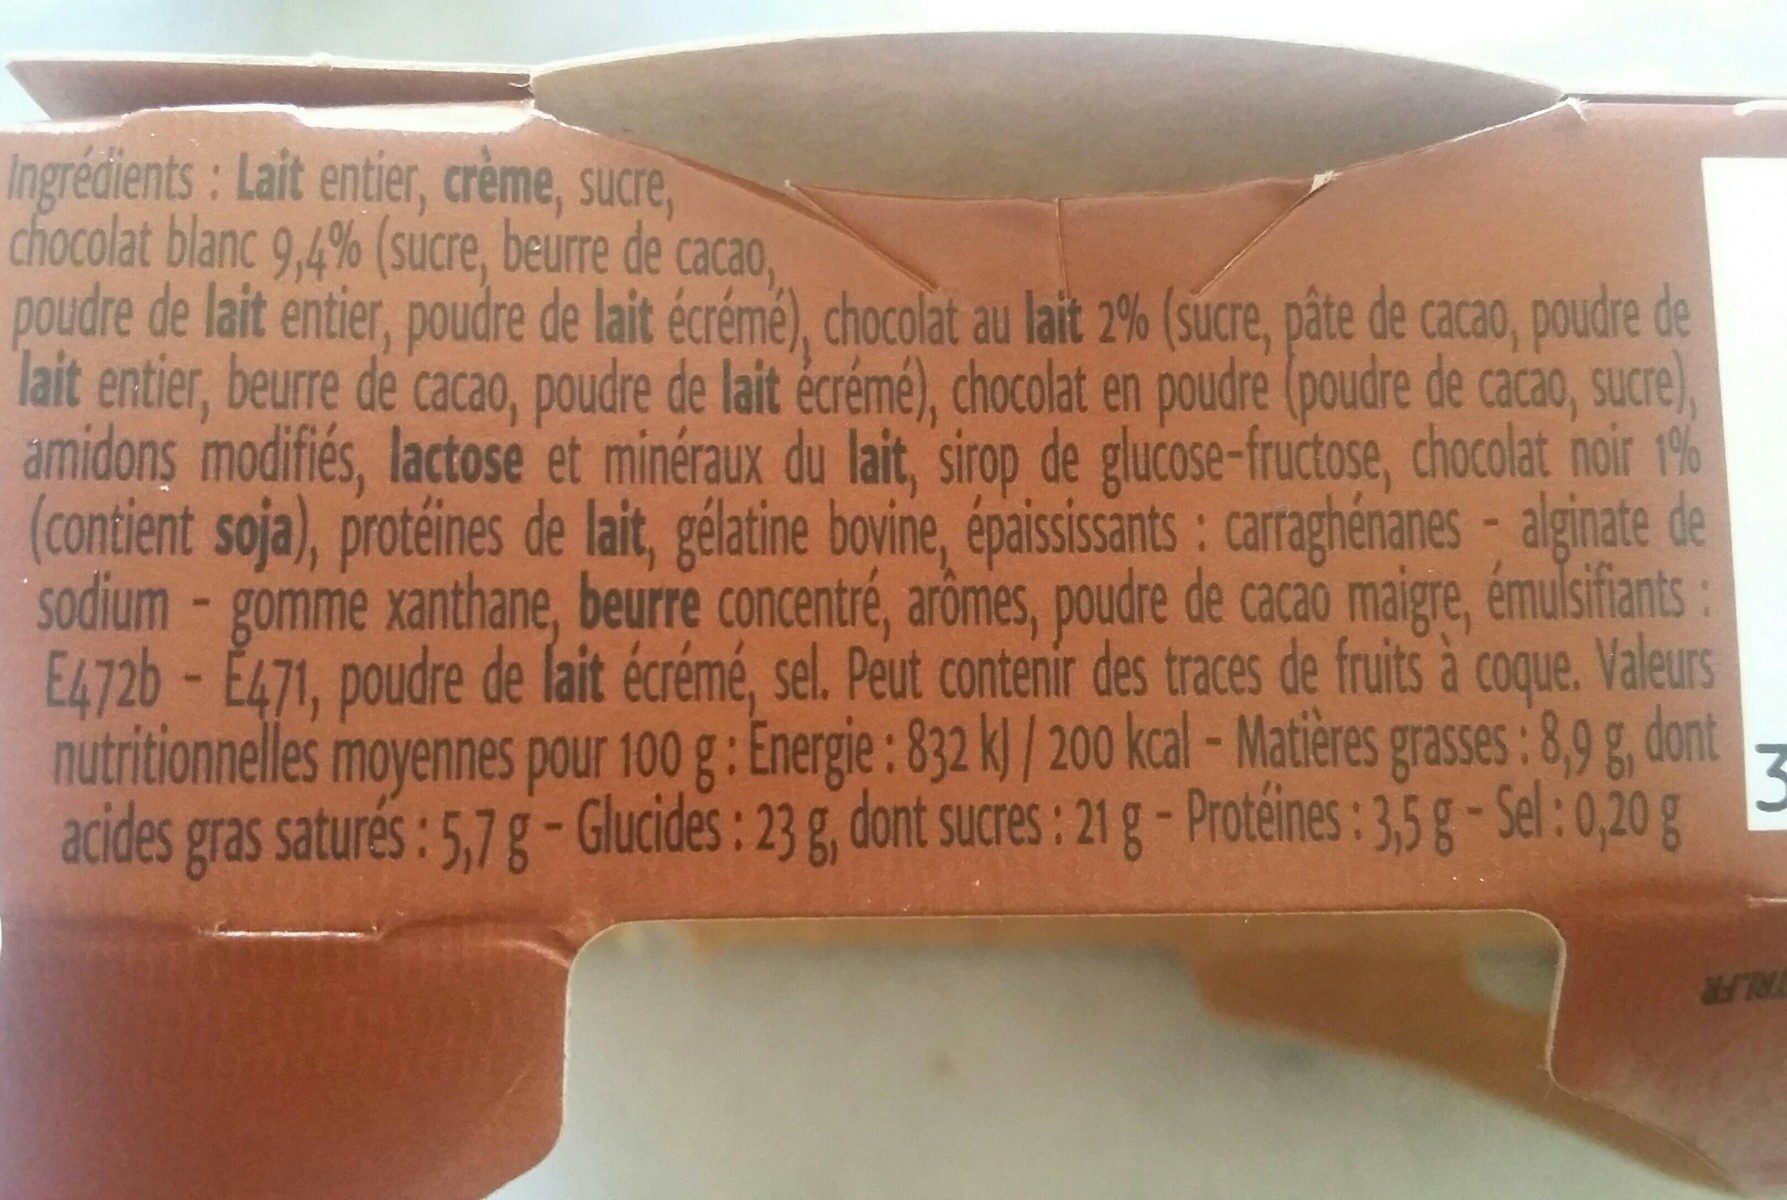 Coeur de Liégeois 3 chocolat - Ingrédients - fr